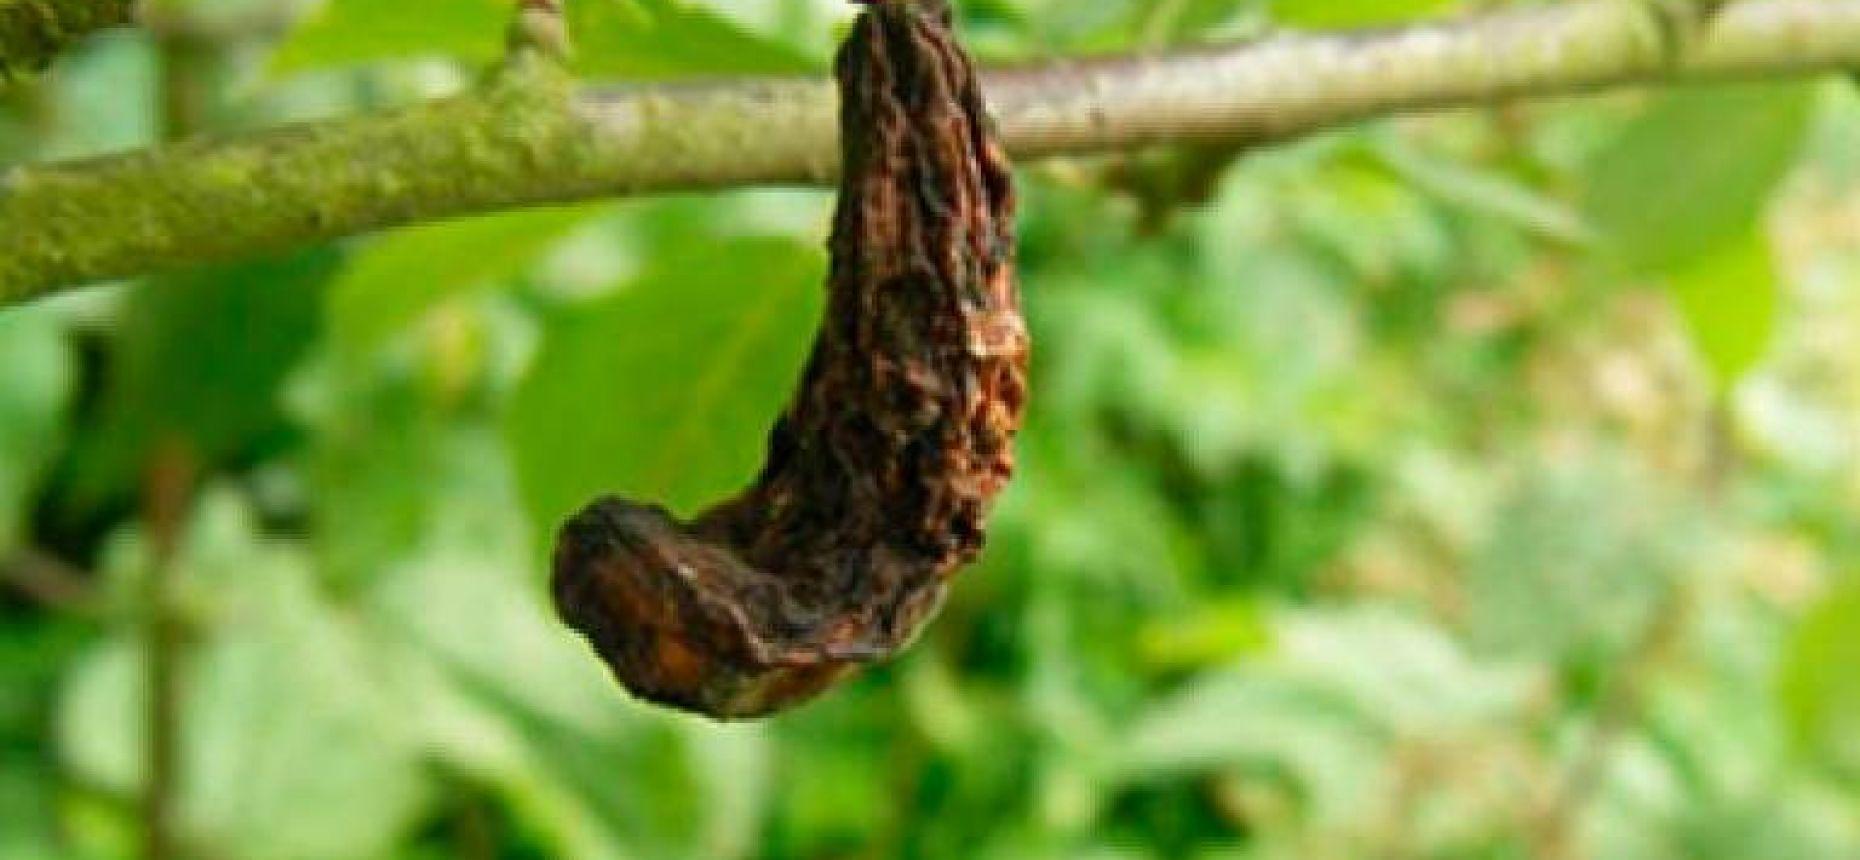 Кармашки слив - Taphrina pruni (Fuck) Tul.(=Exoascus pruni Sad.)